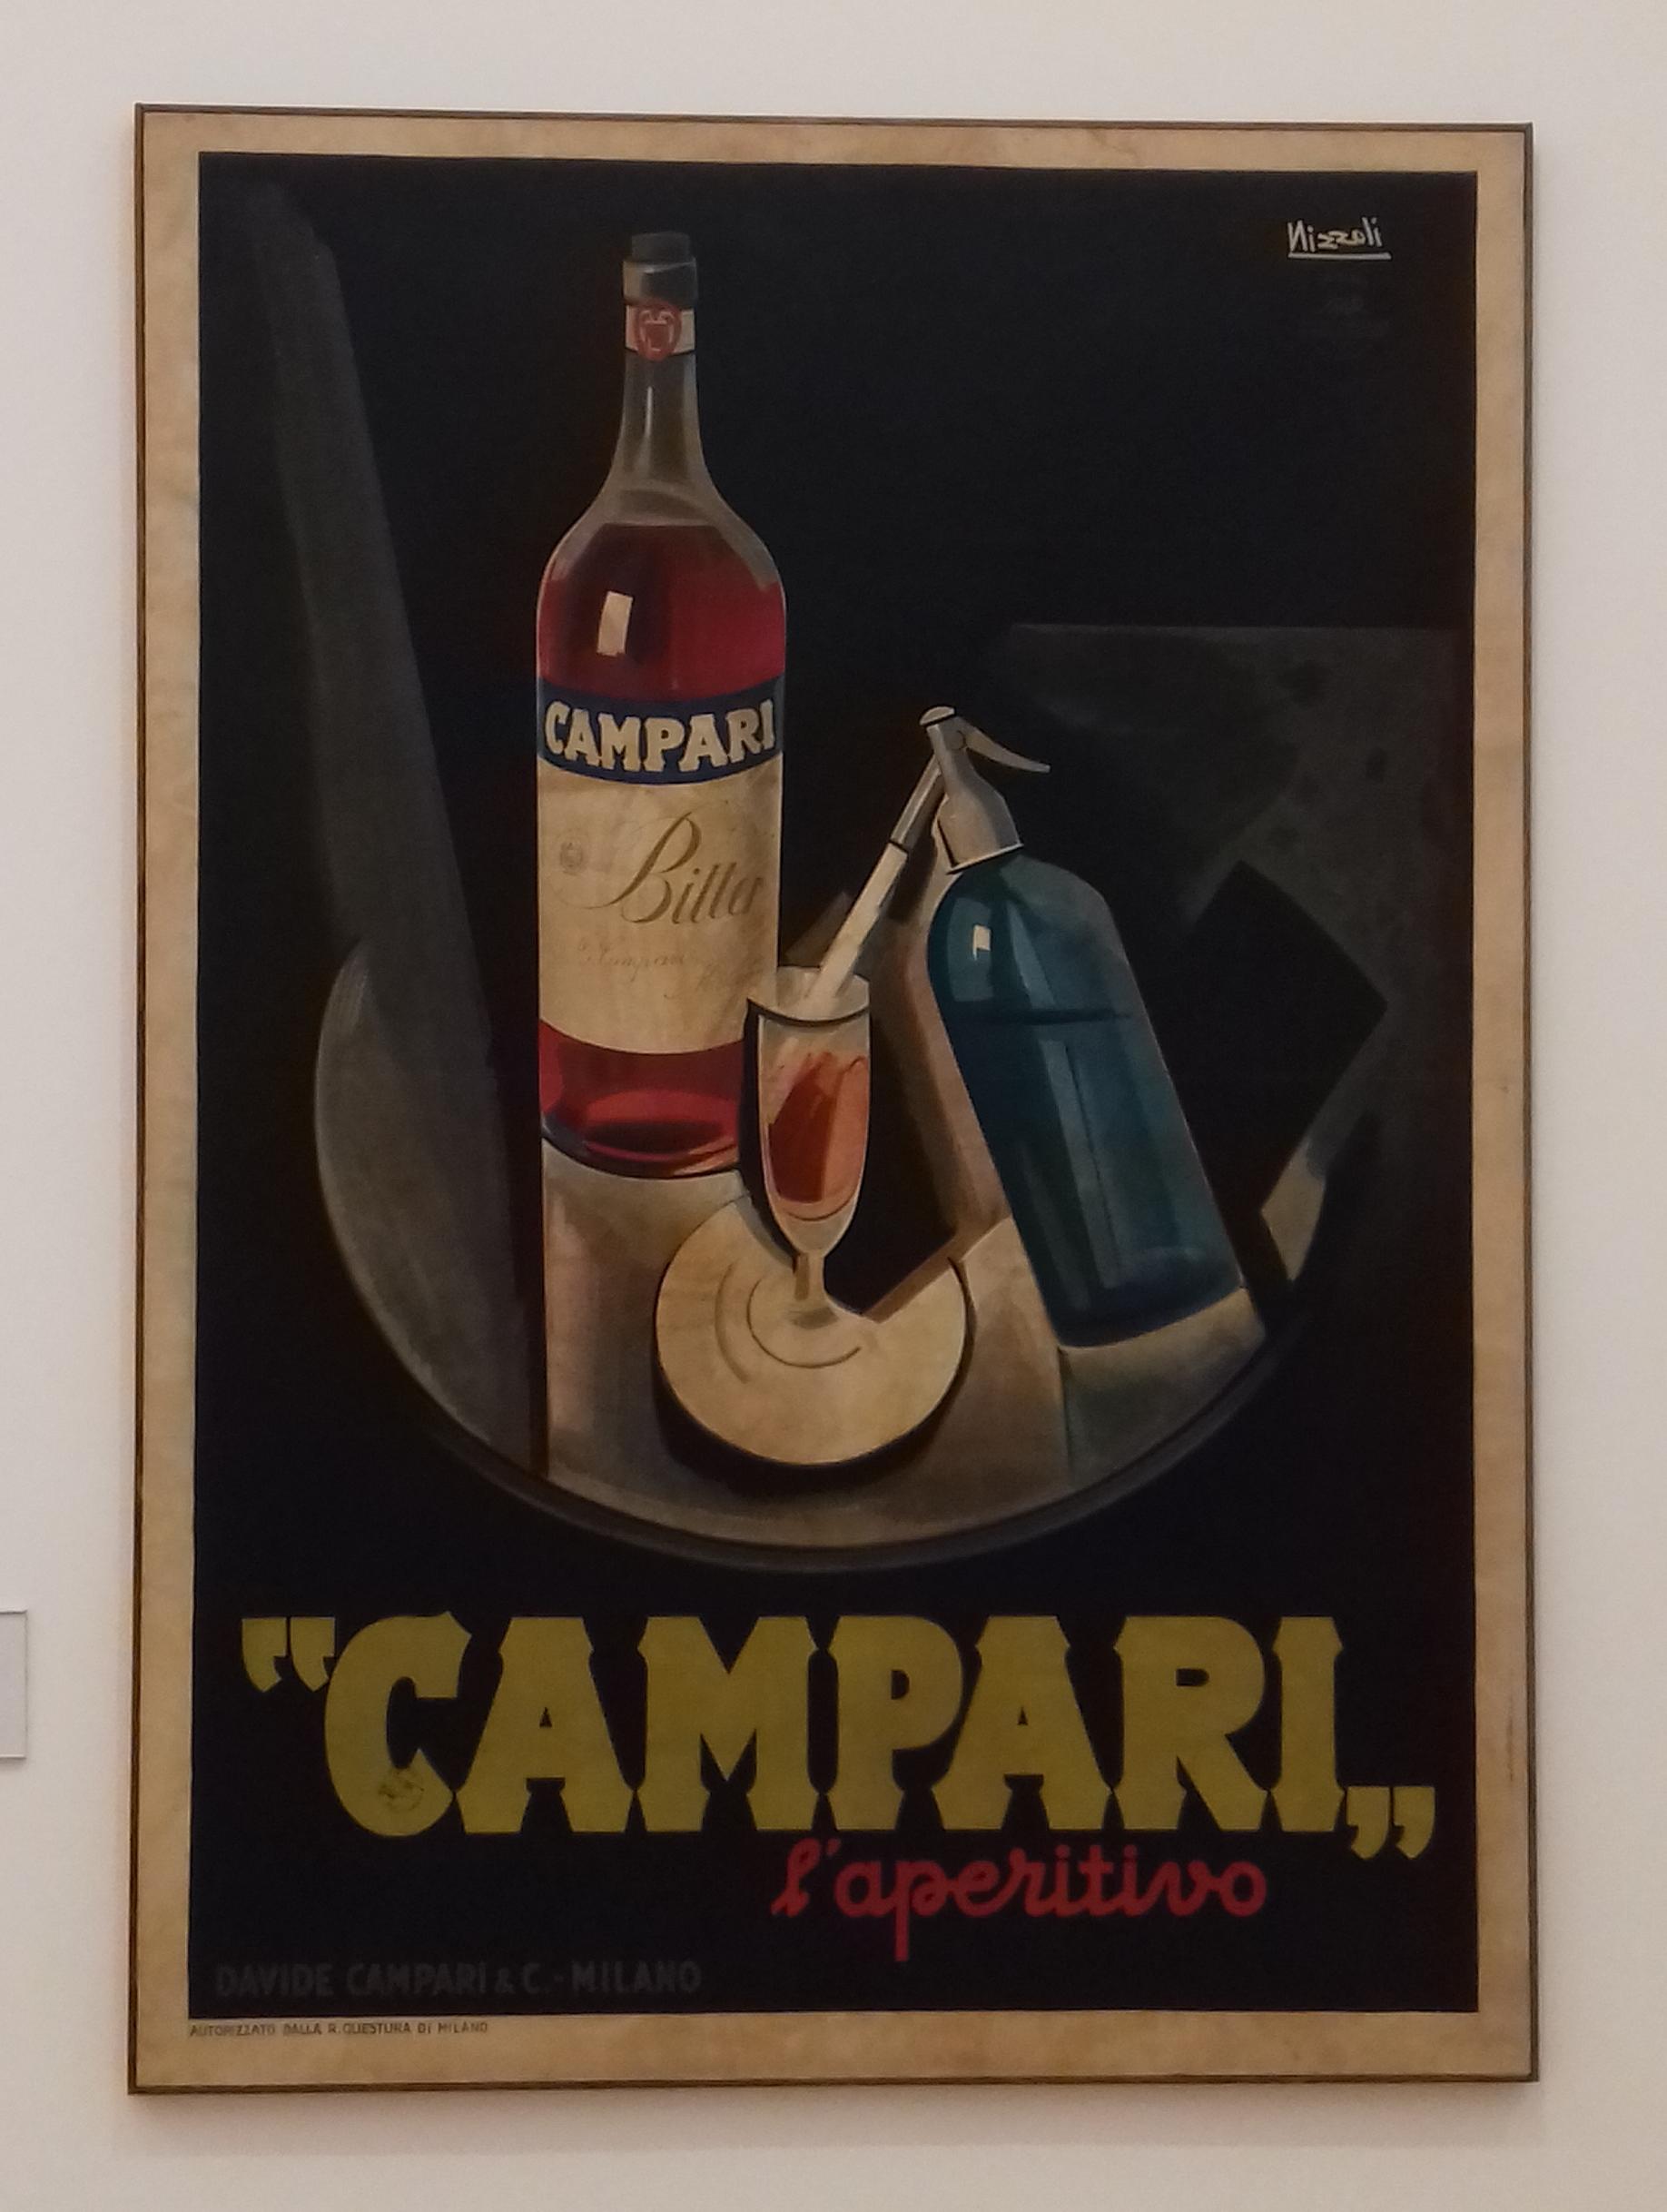 Marcello Nizzoli (1887-1969) Study for Campari, 1926. The Art of Campari, Estorick Collection of Modern Italia Art. London 2018 © Paola Cacciari